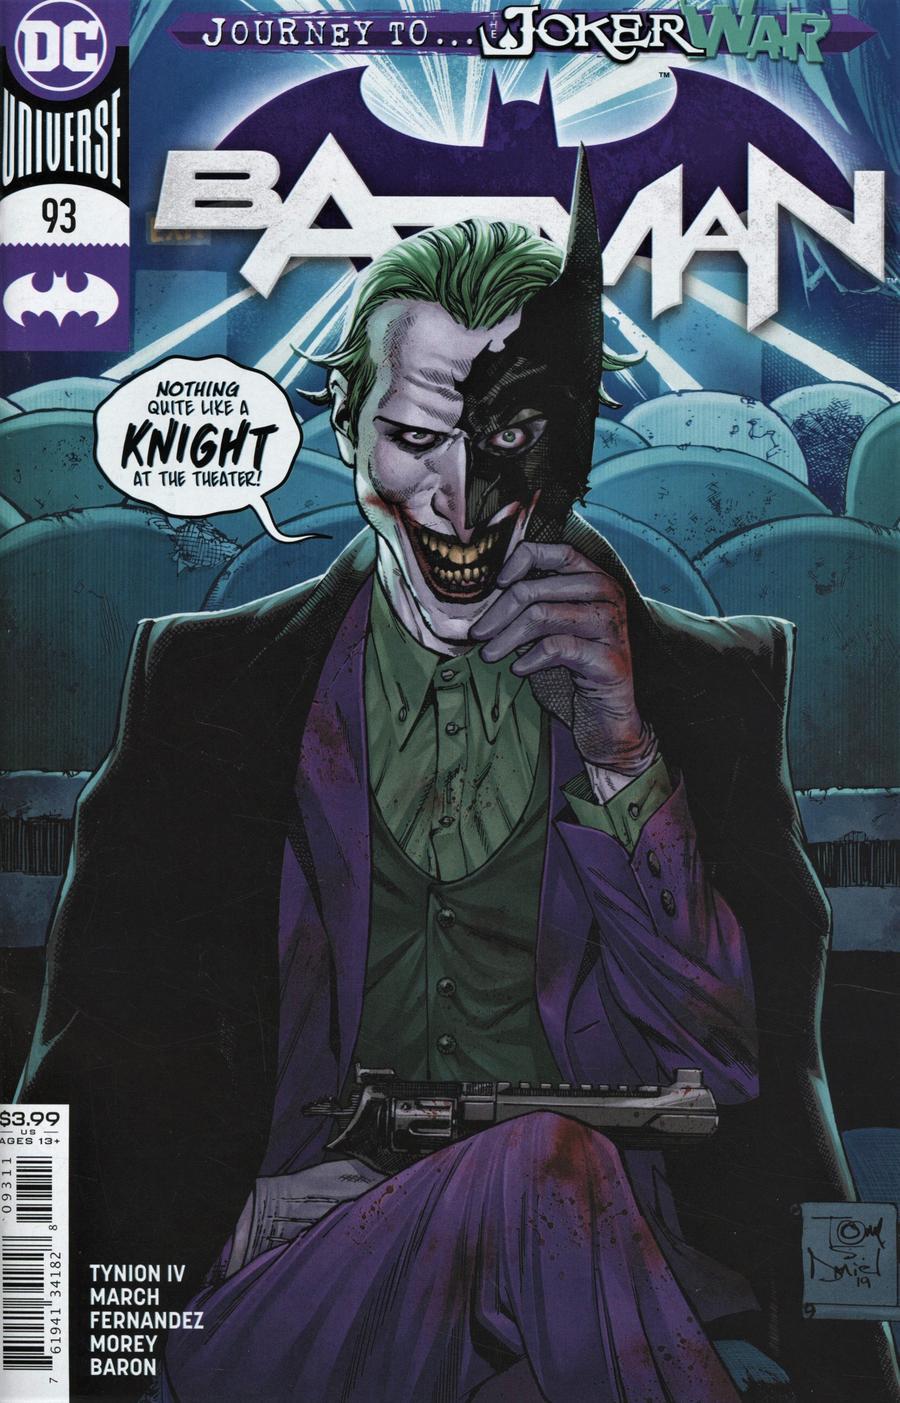 Batman Vol 3 #93 Cover A Regular Tony S Daniel Cover